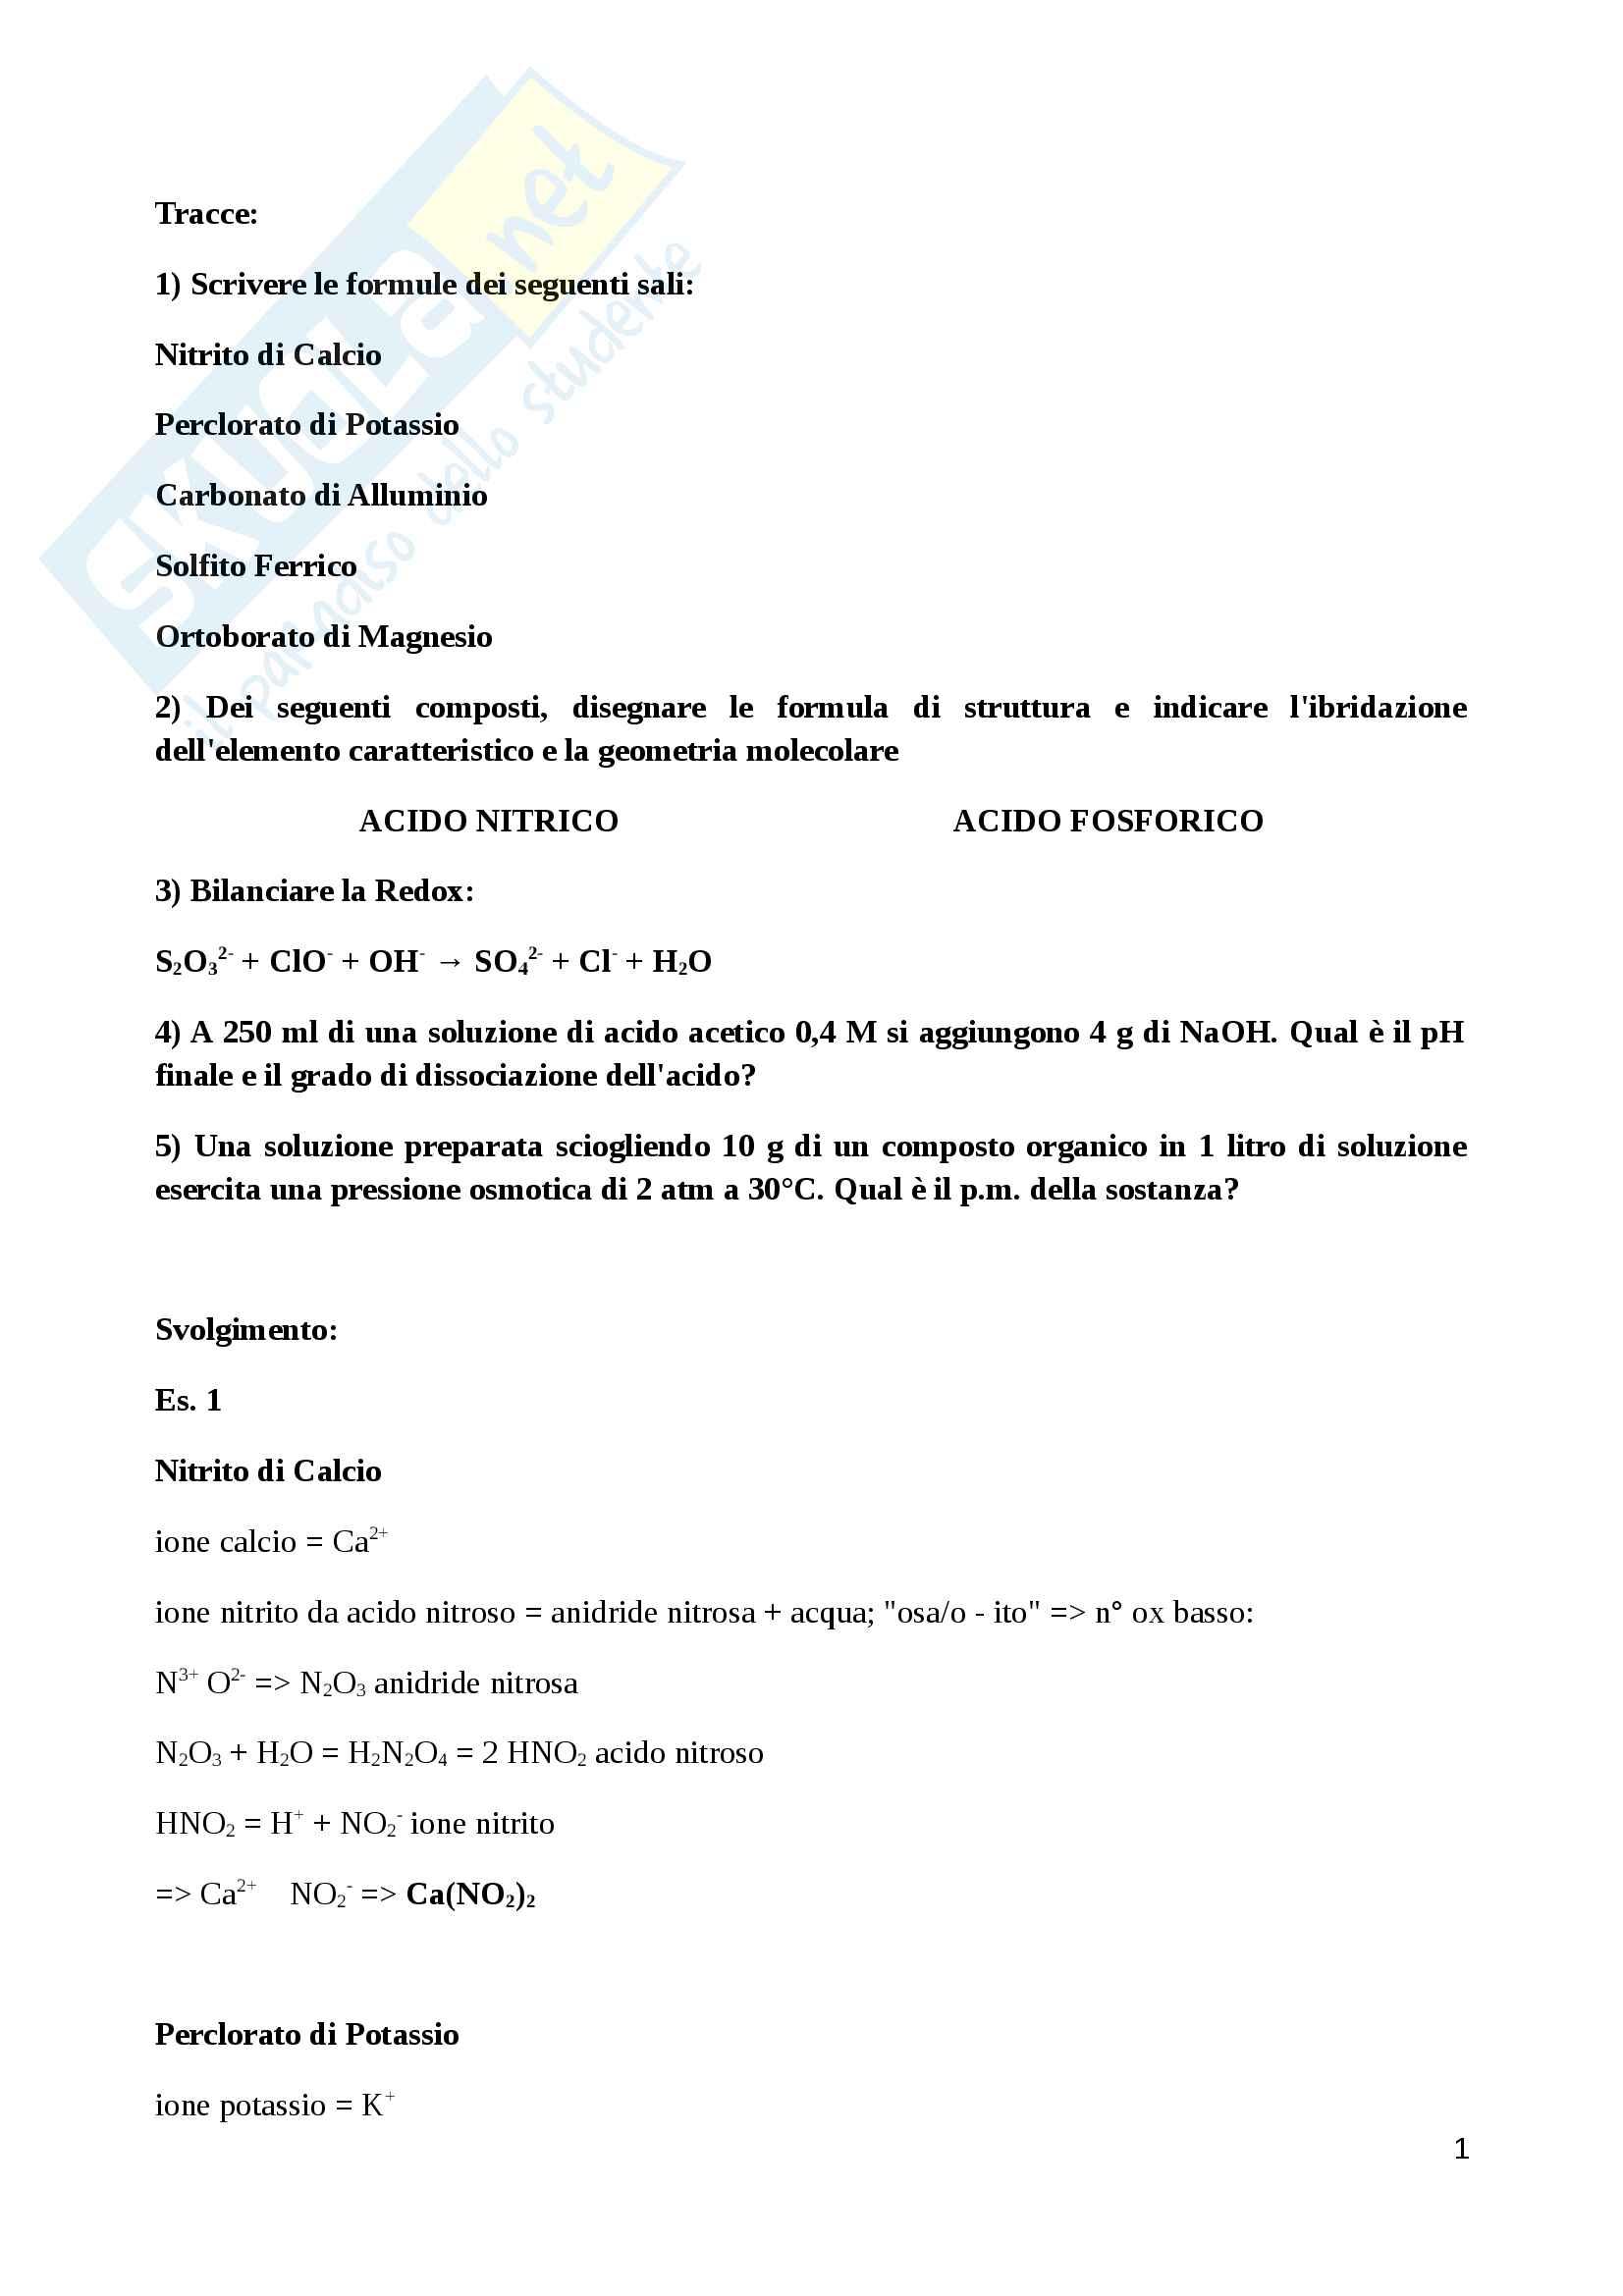 Chimica Generale Compito Esame Medicina 2013 14 I